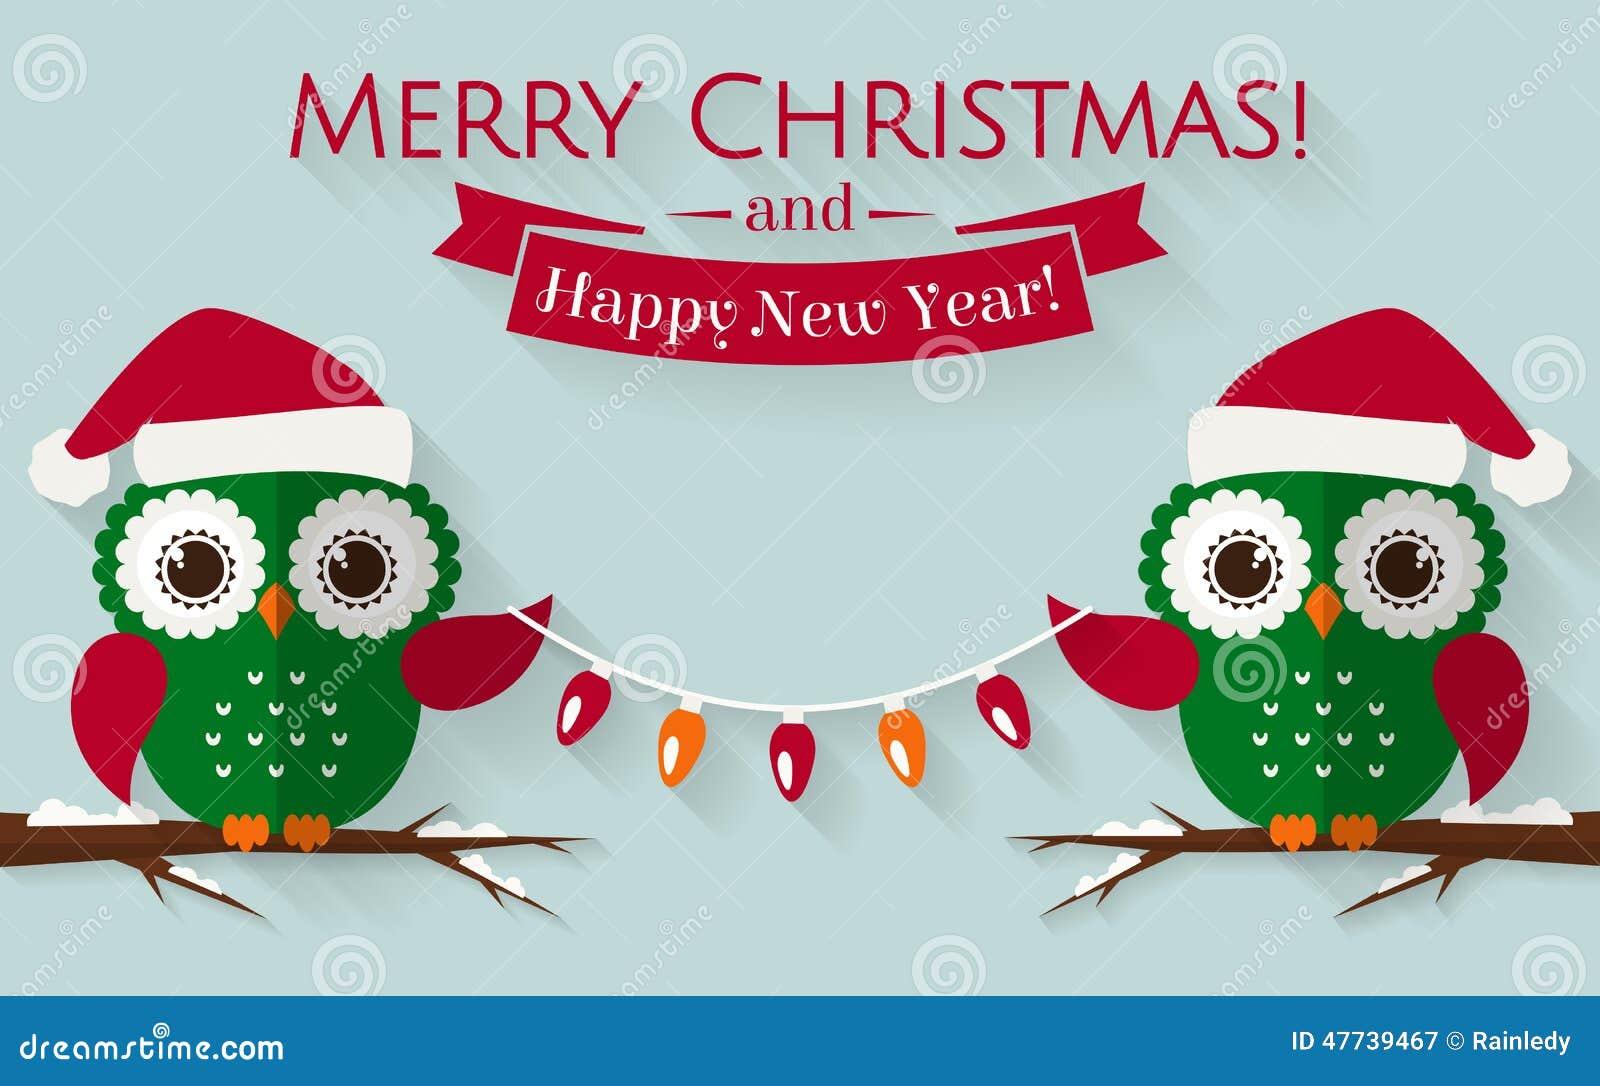 Vrolijke Kerstmis en Gelukkig Nieuwjaar! Groetkaart met leuke uilen in ...: nl.dreamstime.com/stock-illustratie-kerstkaart-met-leuke-uilen-en...